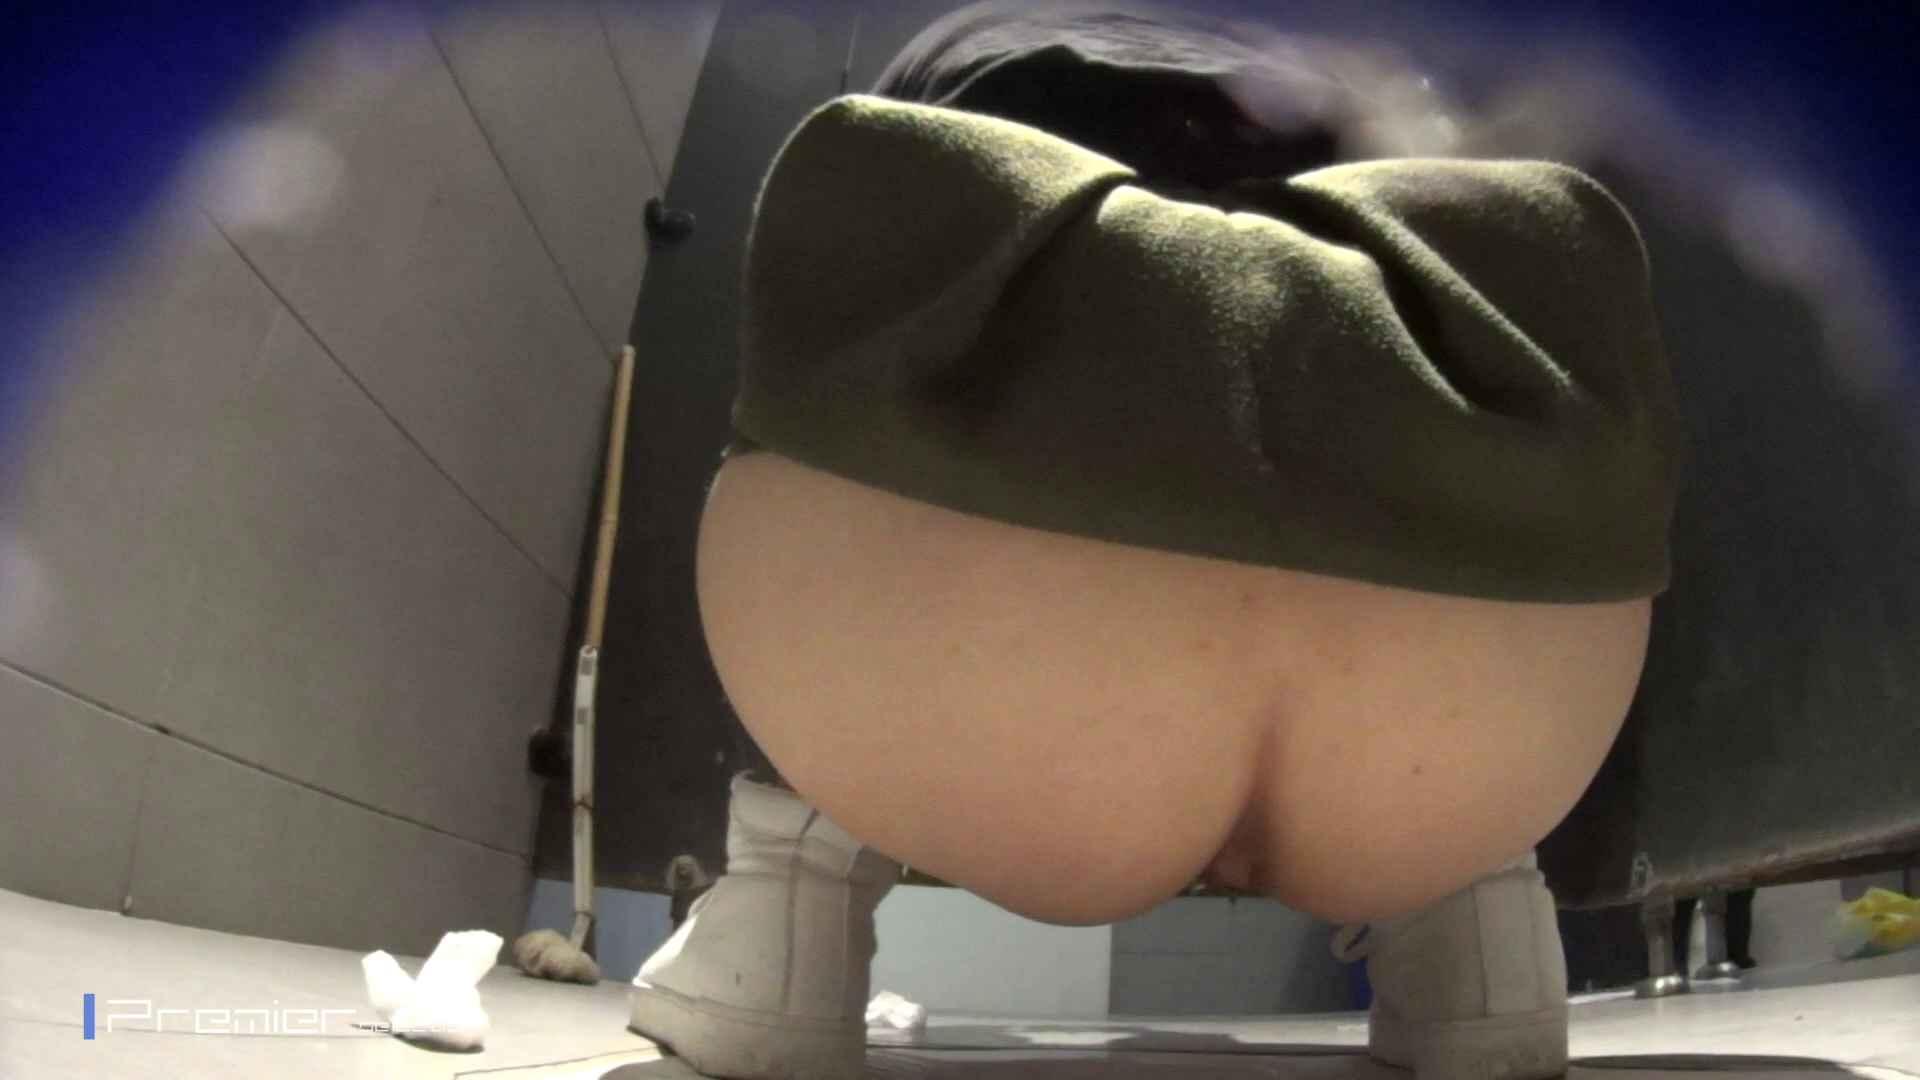 地味な子ですがhiwaiなあそこ 大学休憩時間の洗面所事情69 盛合せ セックス画像 90画像 80